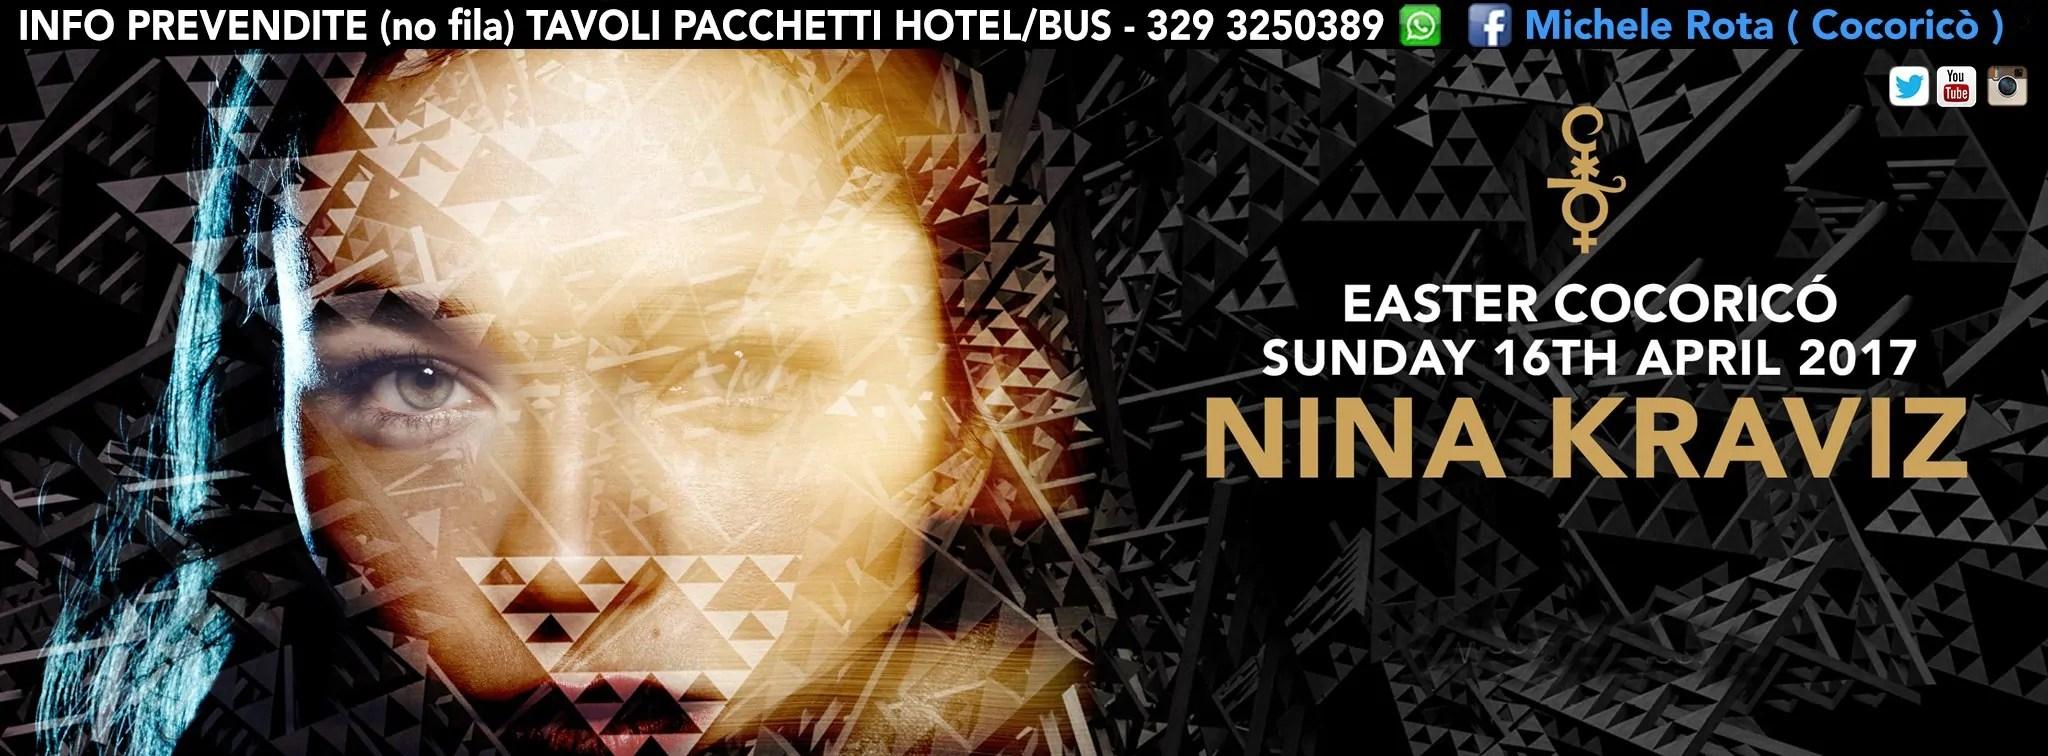 NINA KRAVIZ PASQUA 2017 AL COCORICO RICCIONE 16 04 2017 TICKET TAVOLI PACCHETTI HOTEL